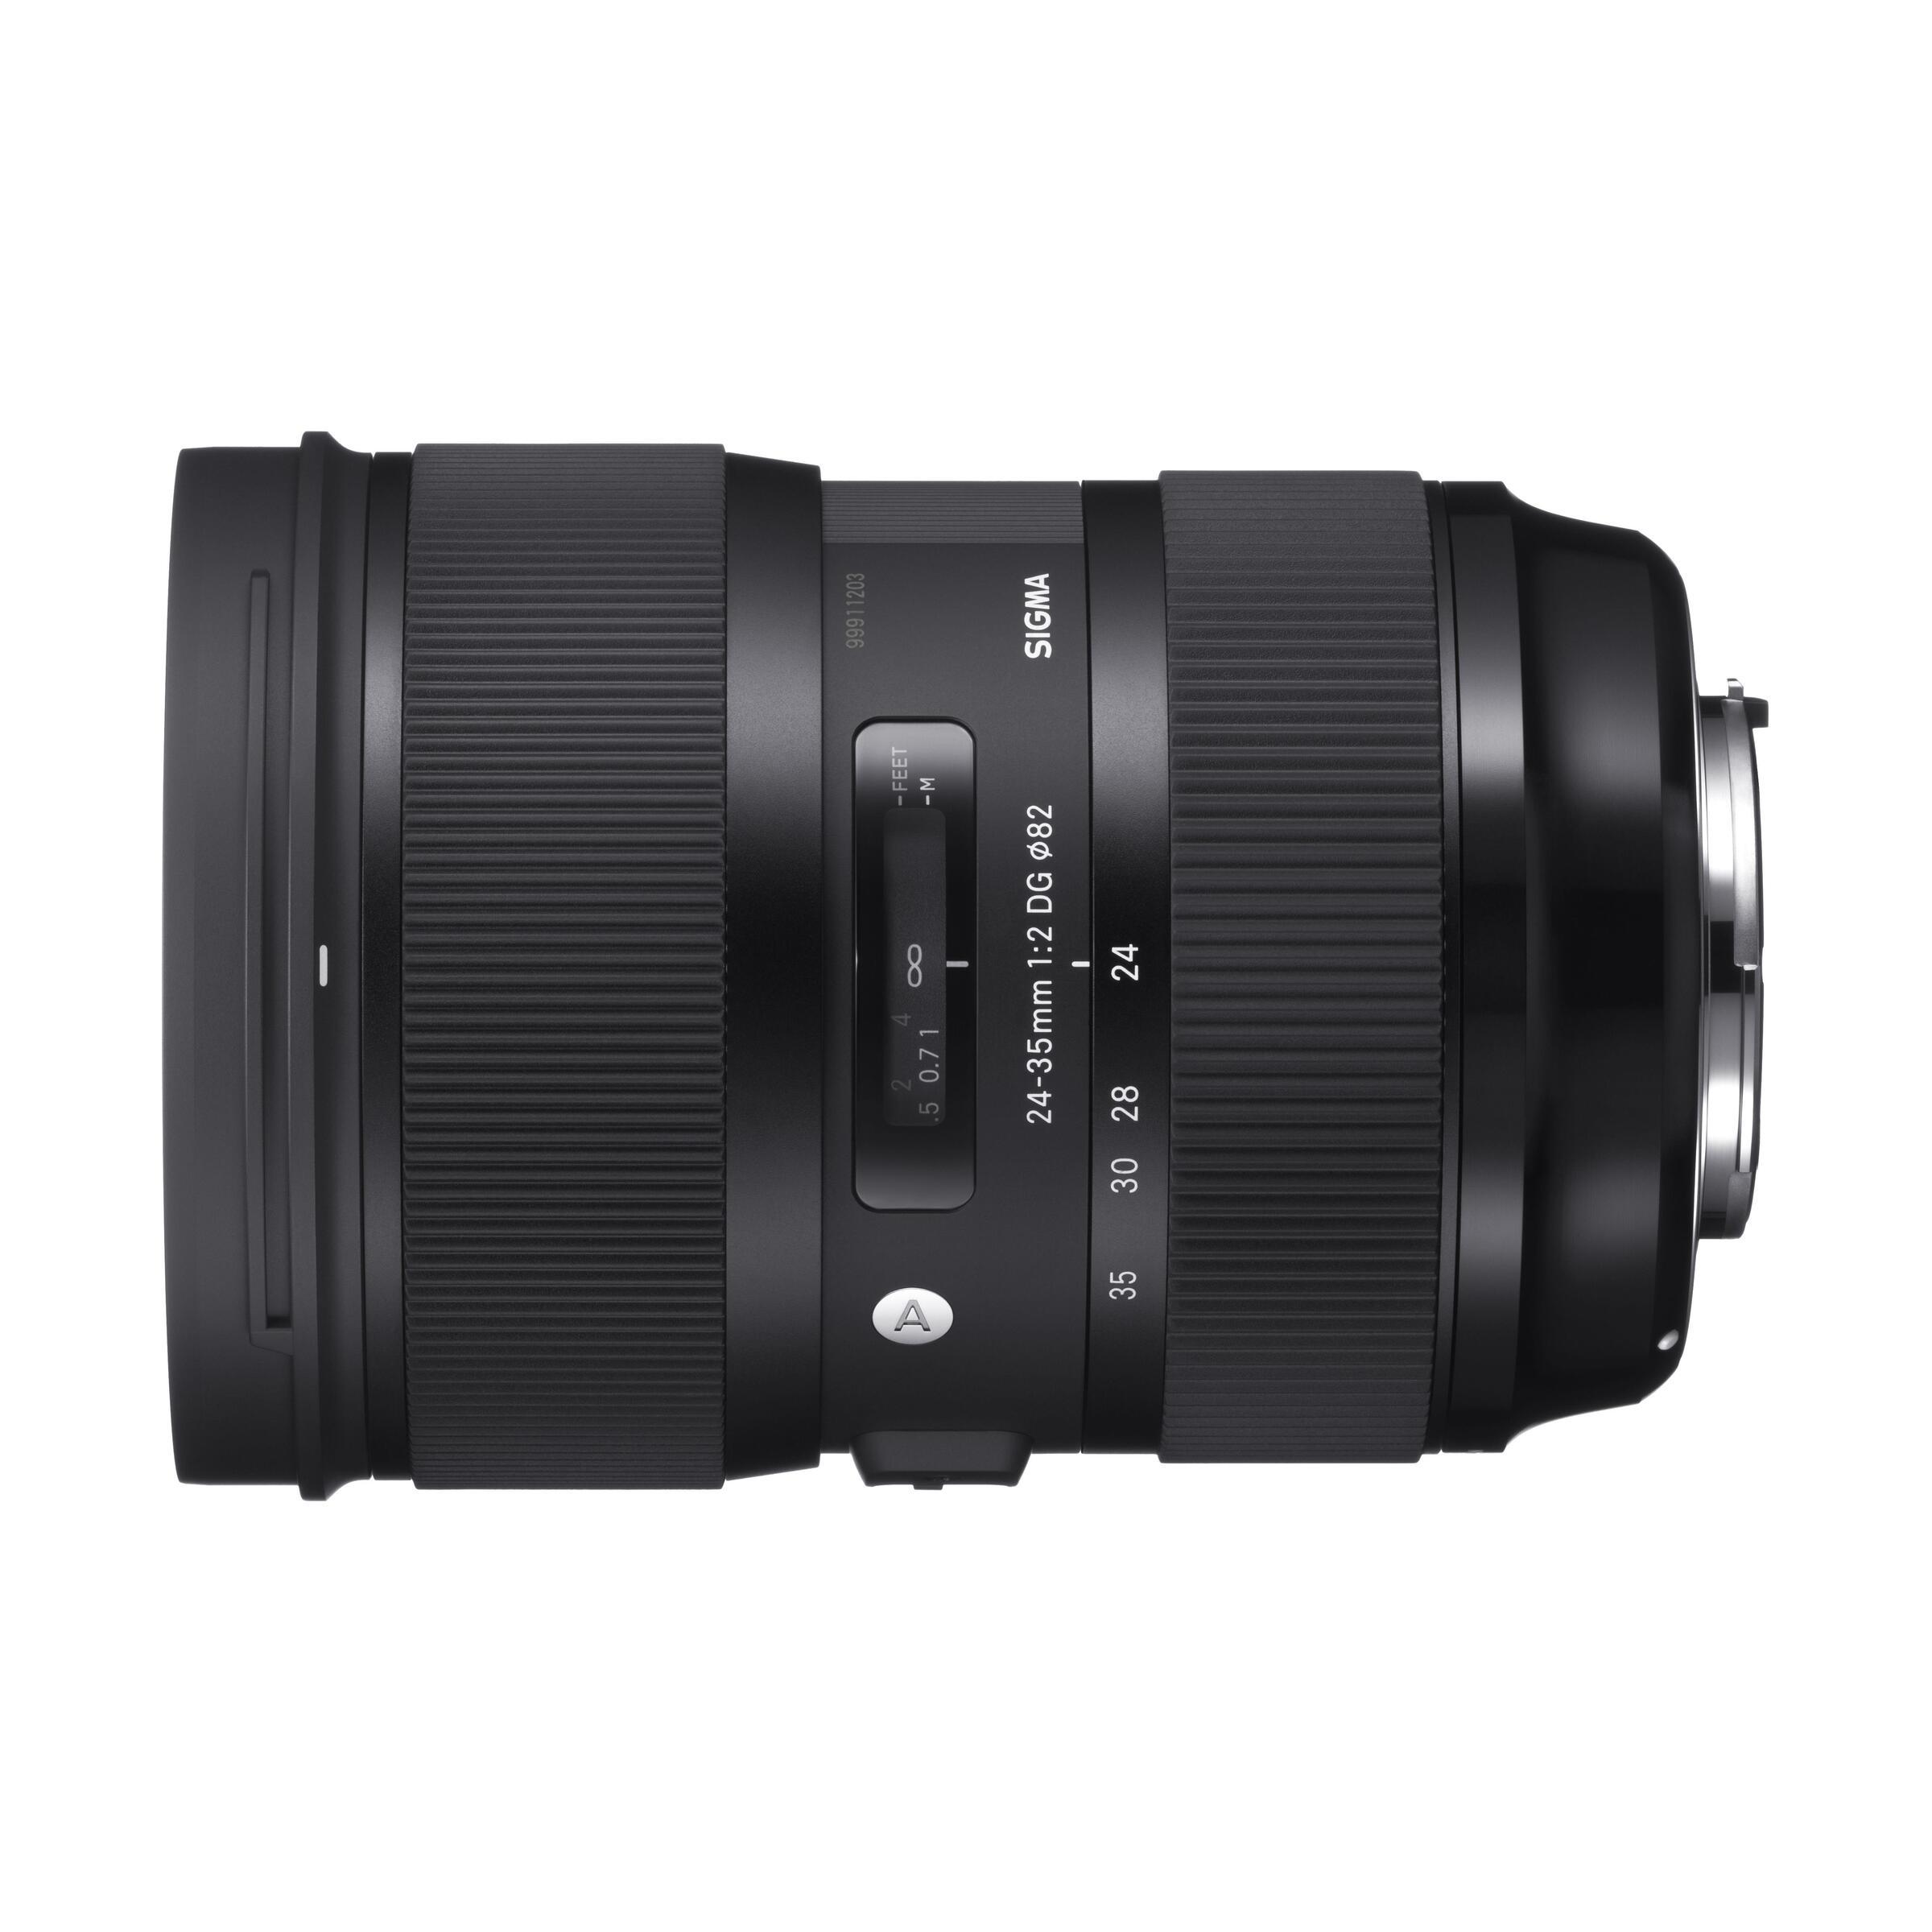 Sigma 24-35mm f/2,0 DG HSM Art für Canon